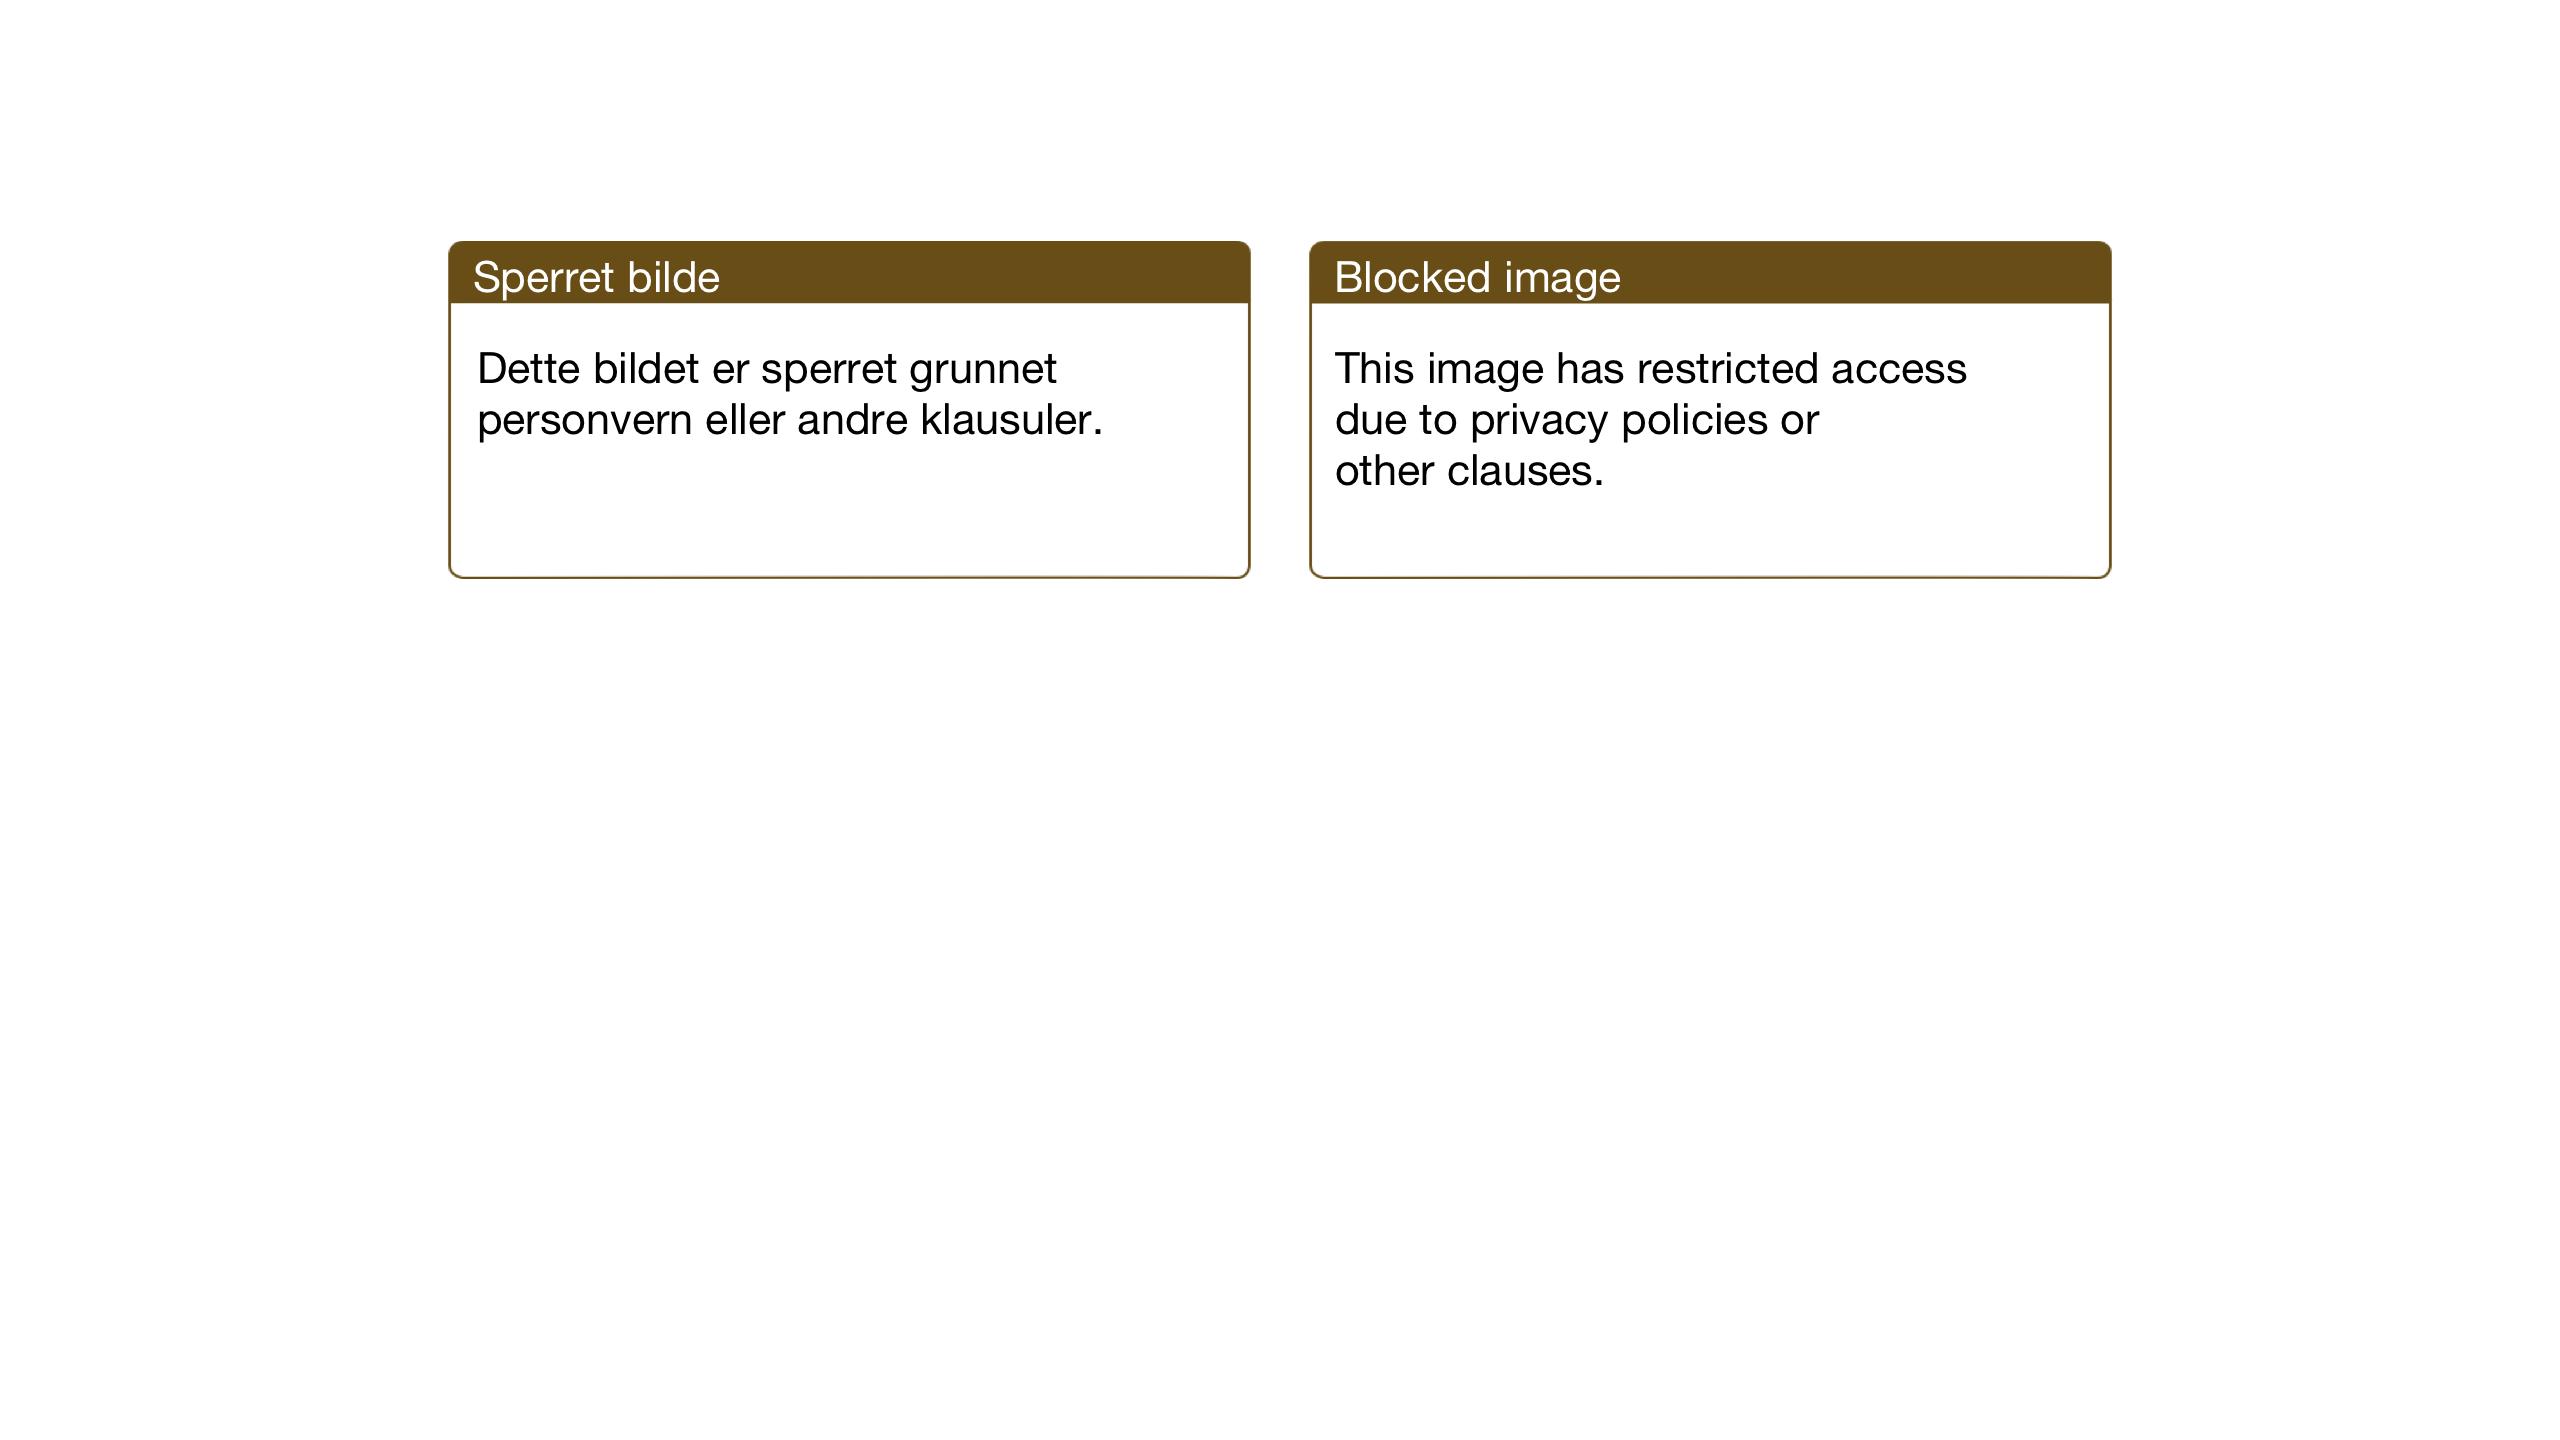 SAT, Ministerialprotokoller, klokkerbøker og fødselsregistre - Sør-Trøndelag, 657/L0718: Klokkerbok nr. 657C05, 1923-1948, s. 203